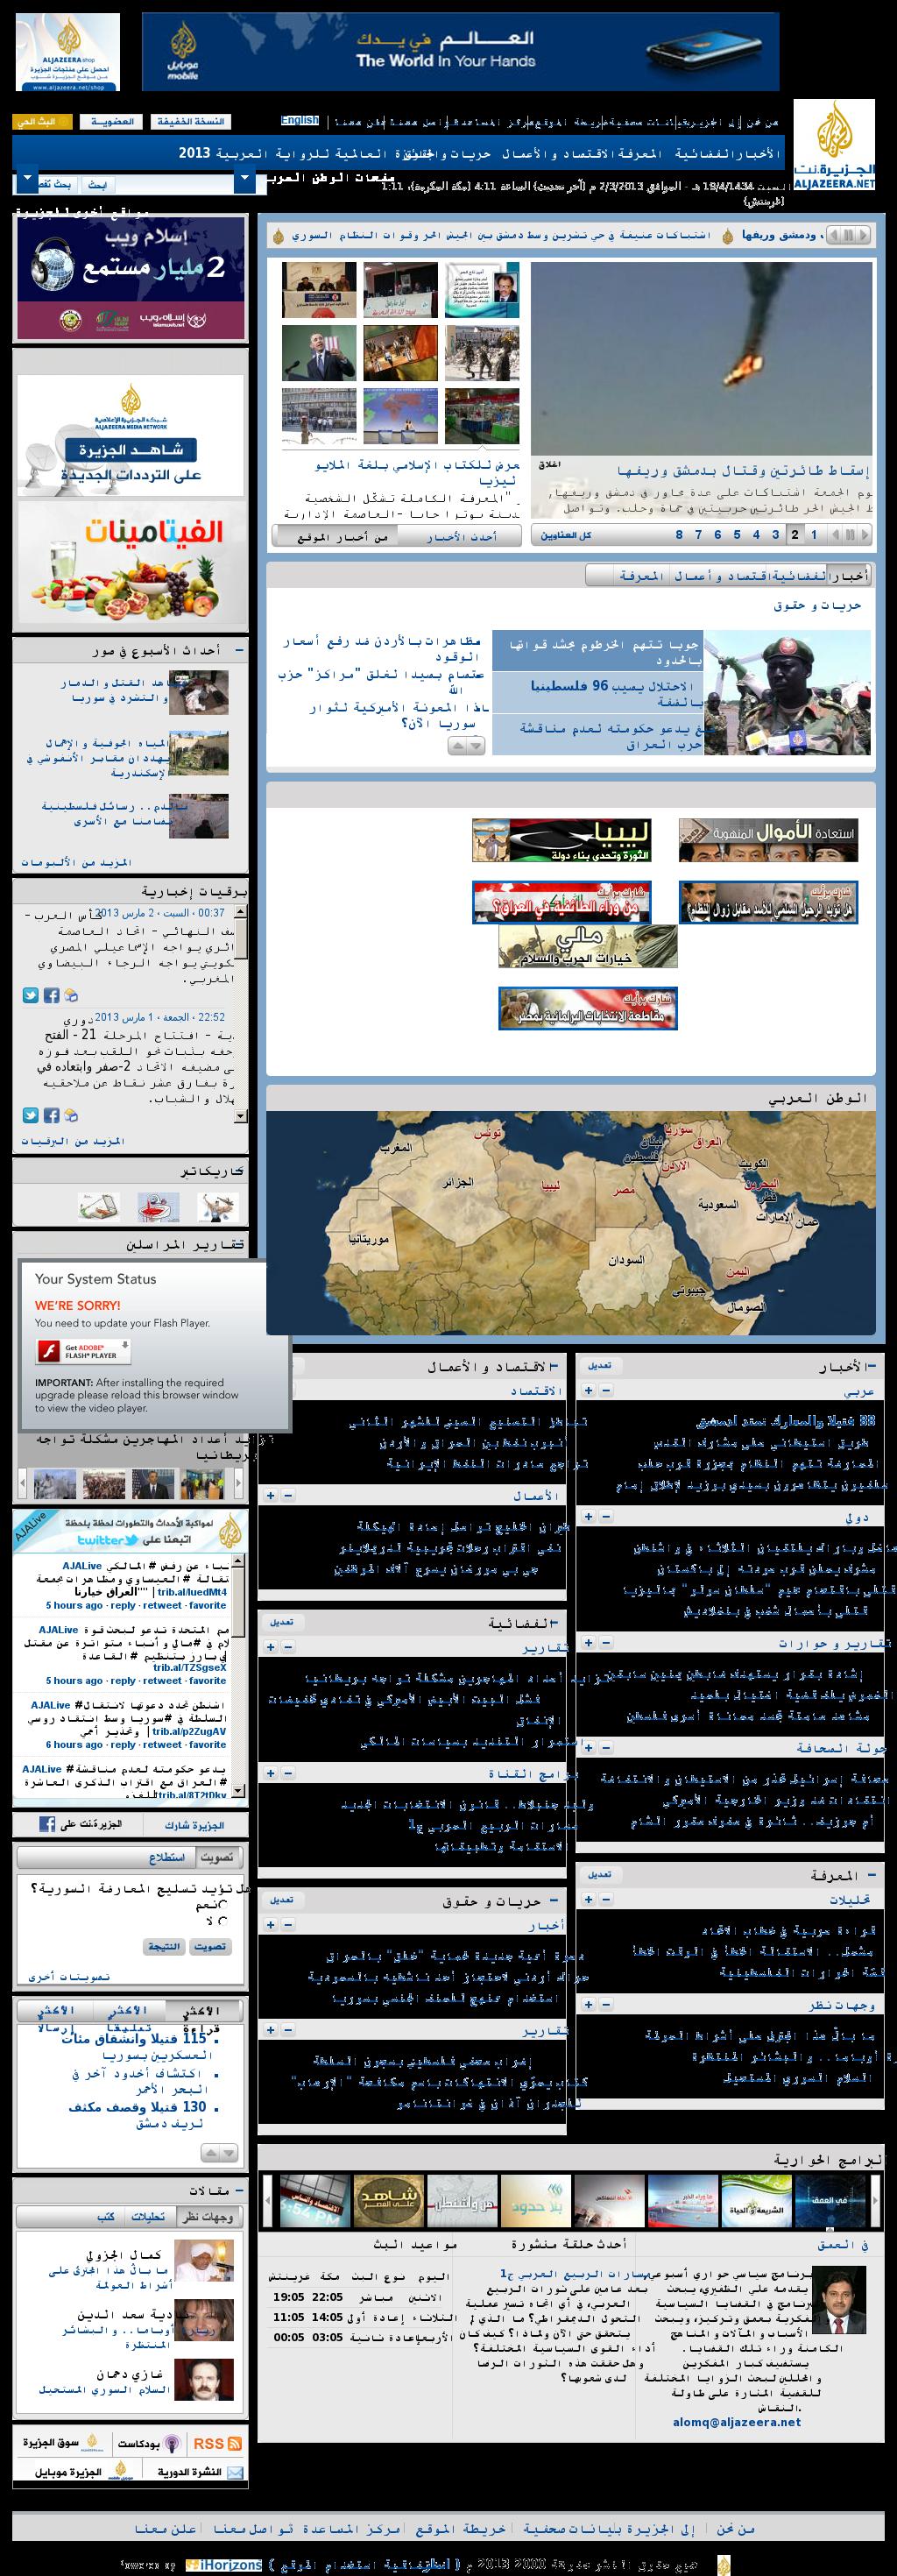 Al Jazeera at Saturday March 2, 2013, 2:10 a.m. UTC